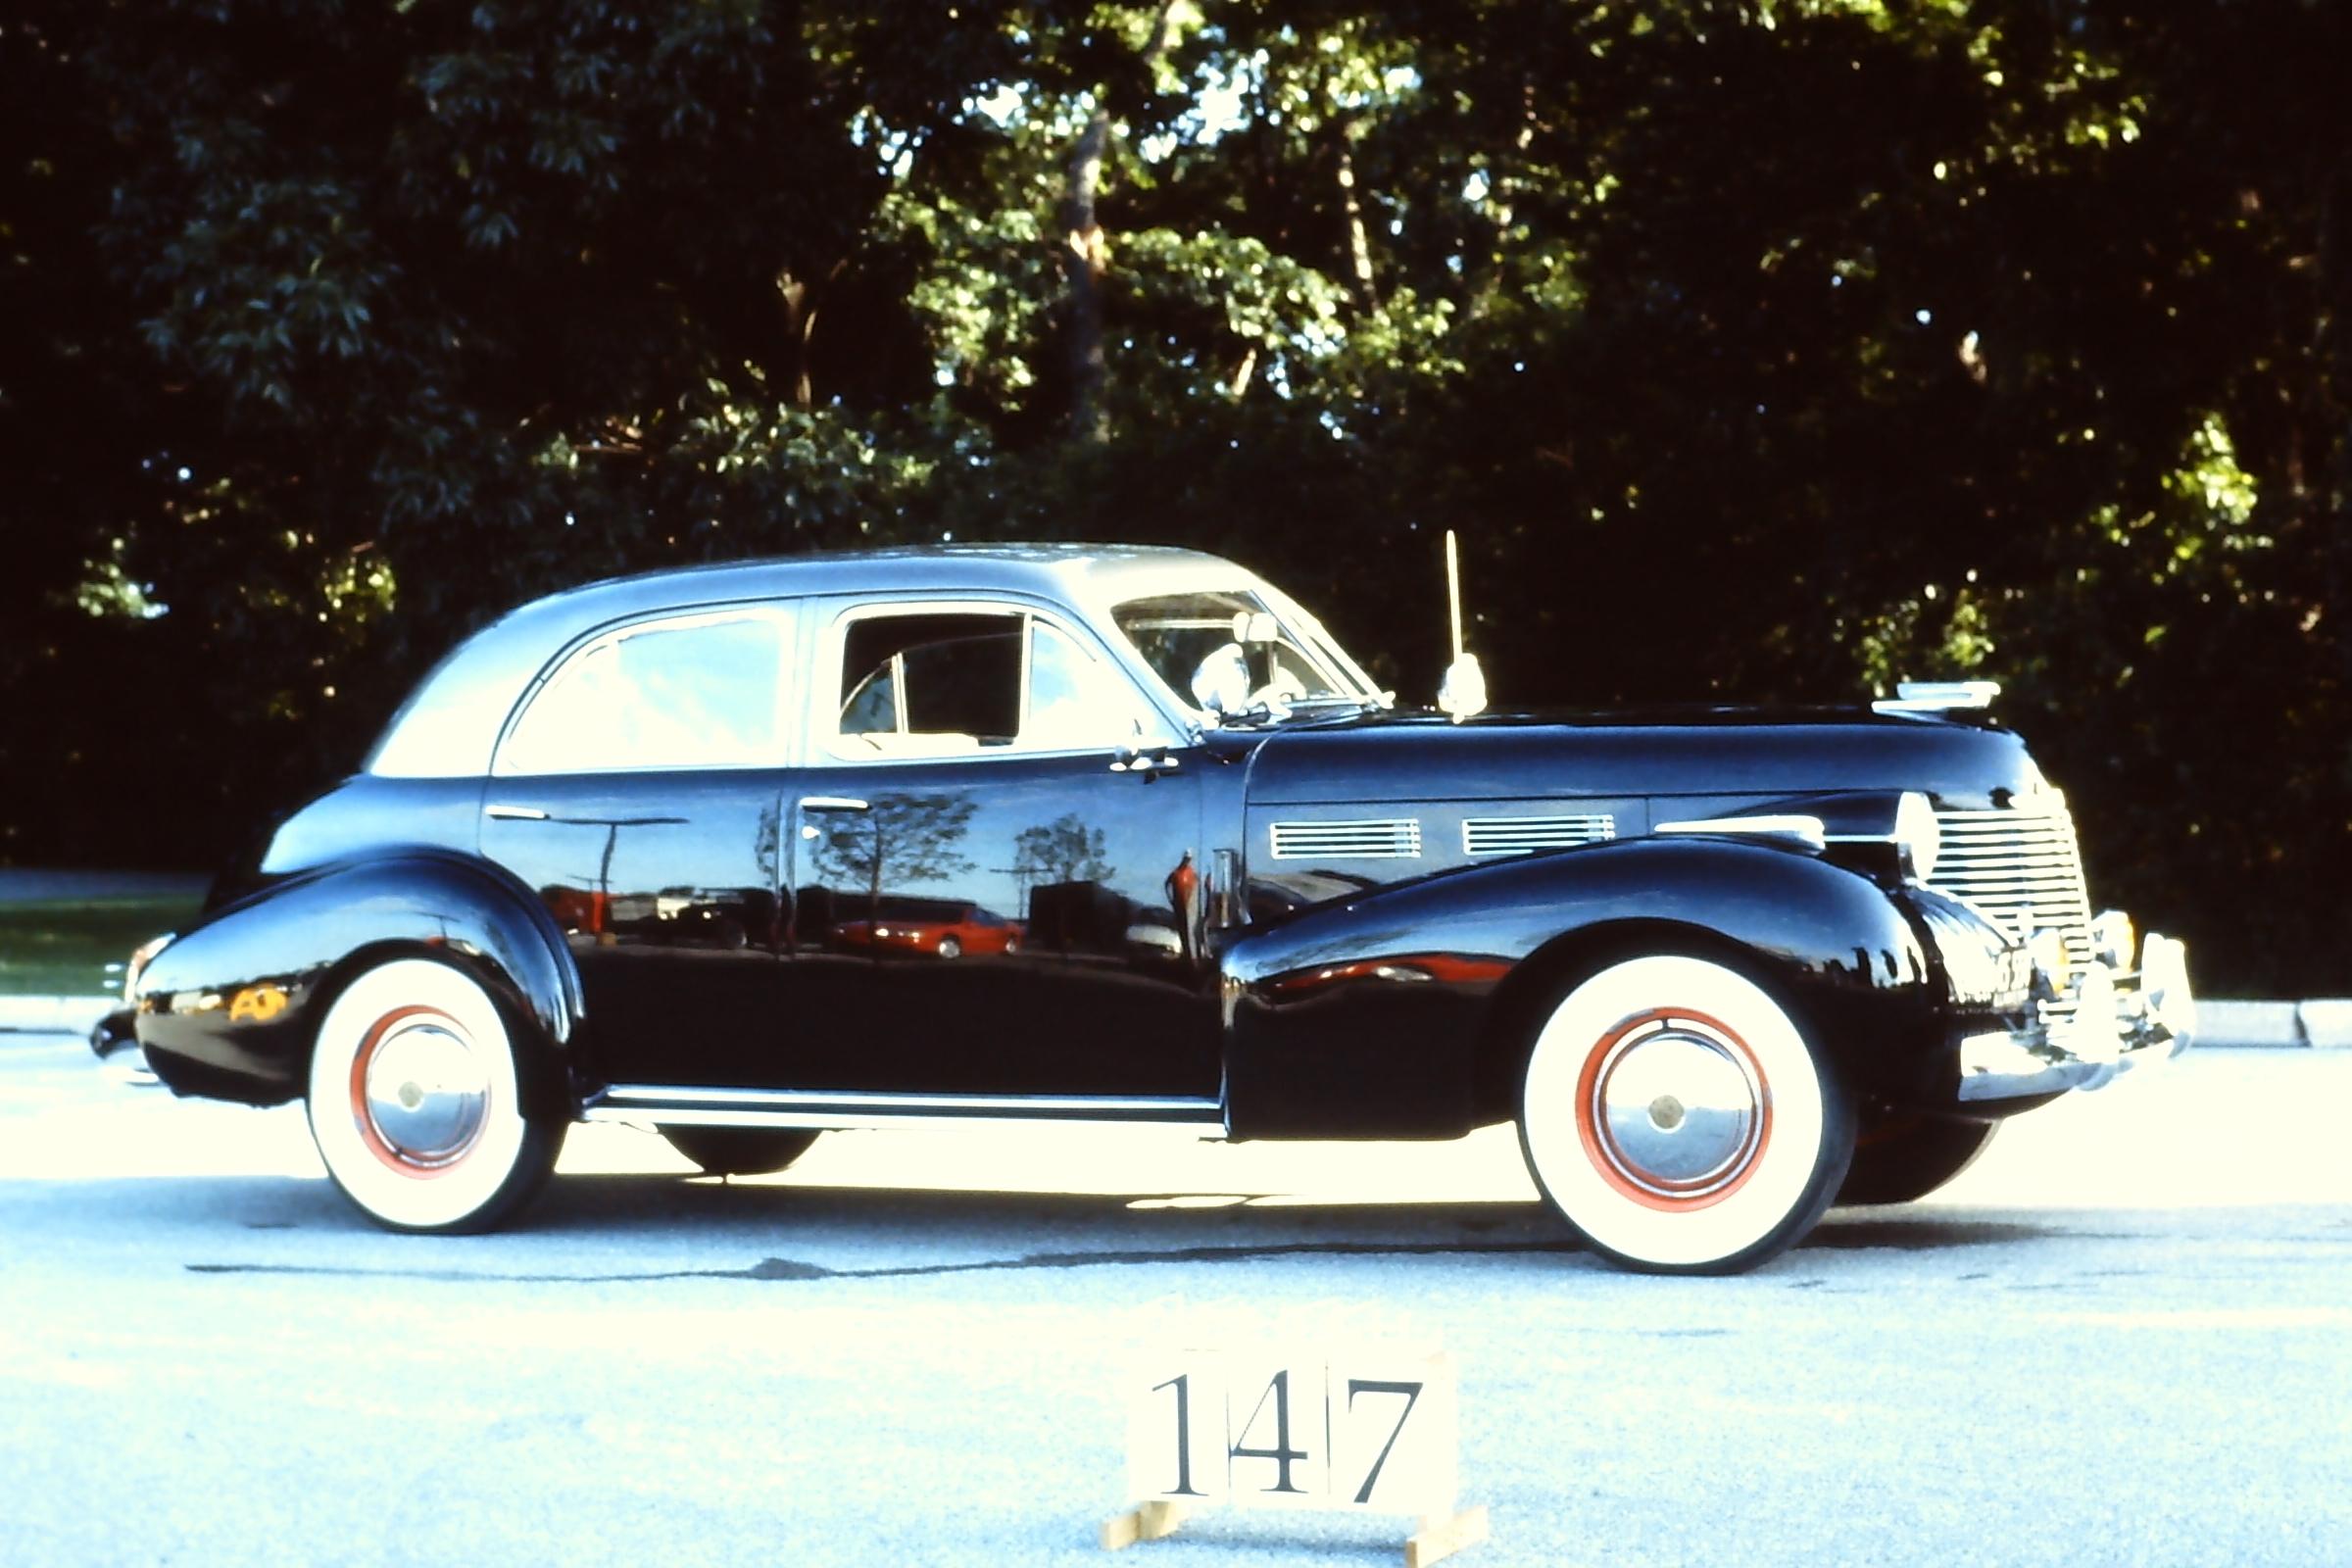 1940-Cadillac-62-Series-4dr